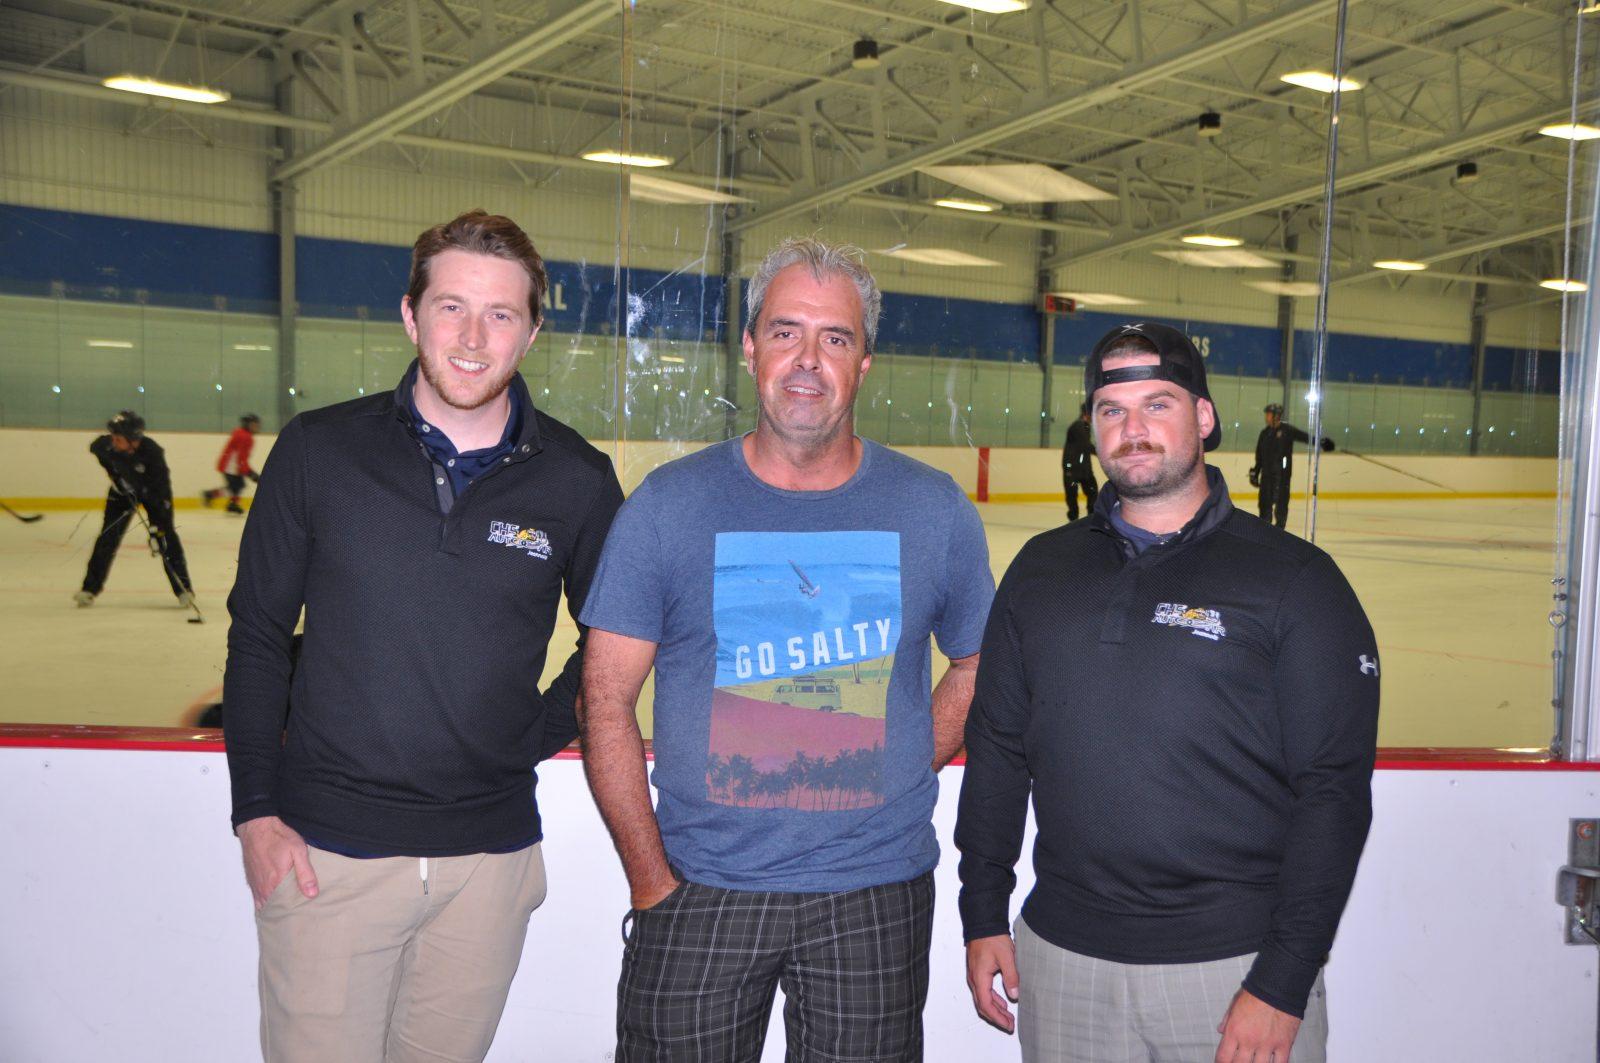 Ligue de hockey senior du Lac au Fleuve: Saint-Bruno confiant d'avoir un club compétitif